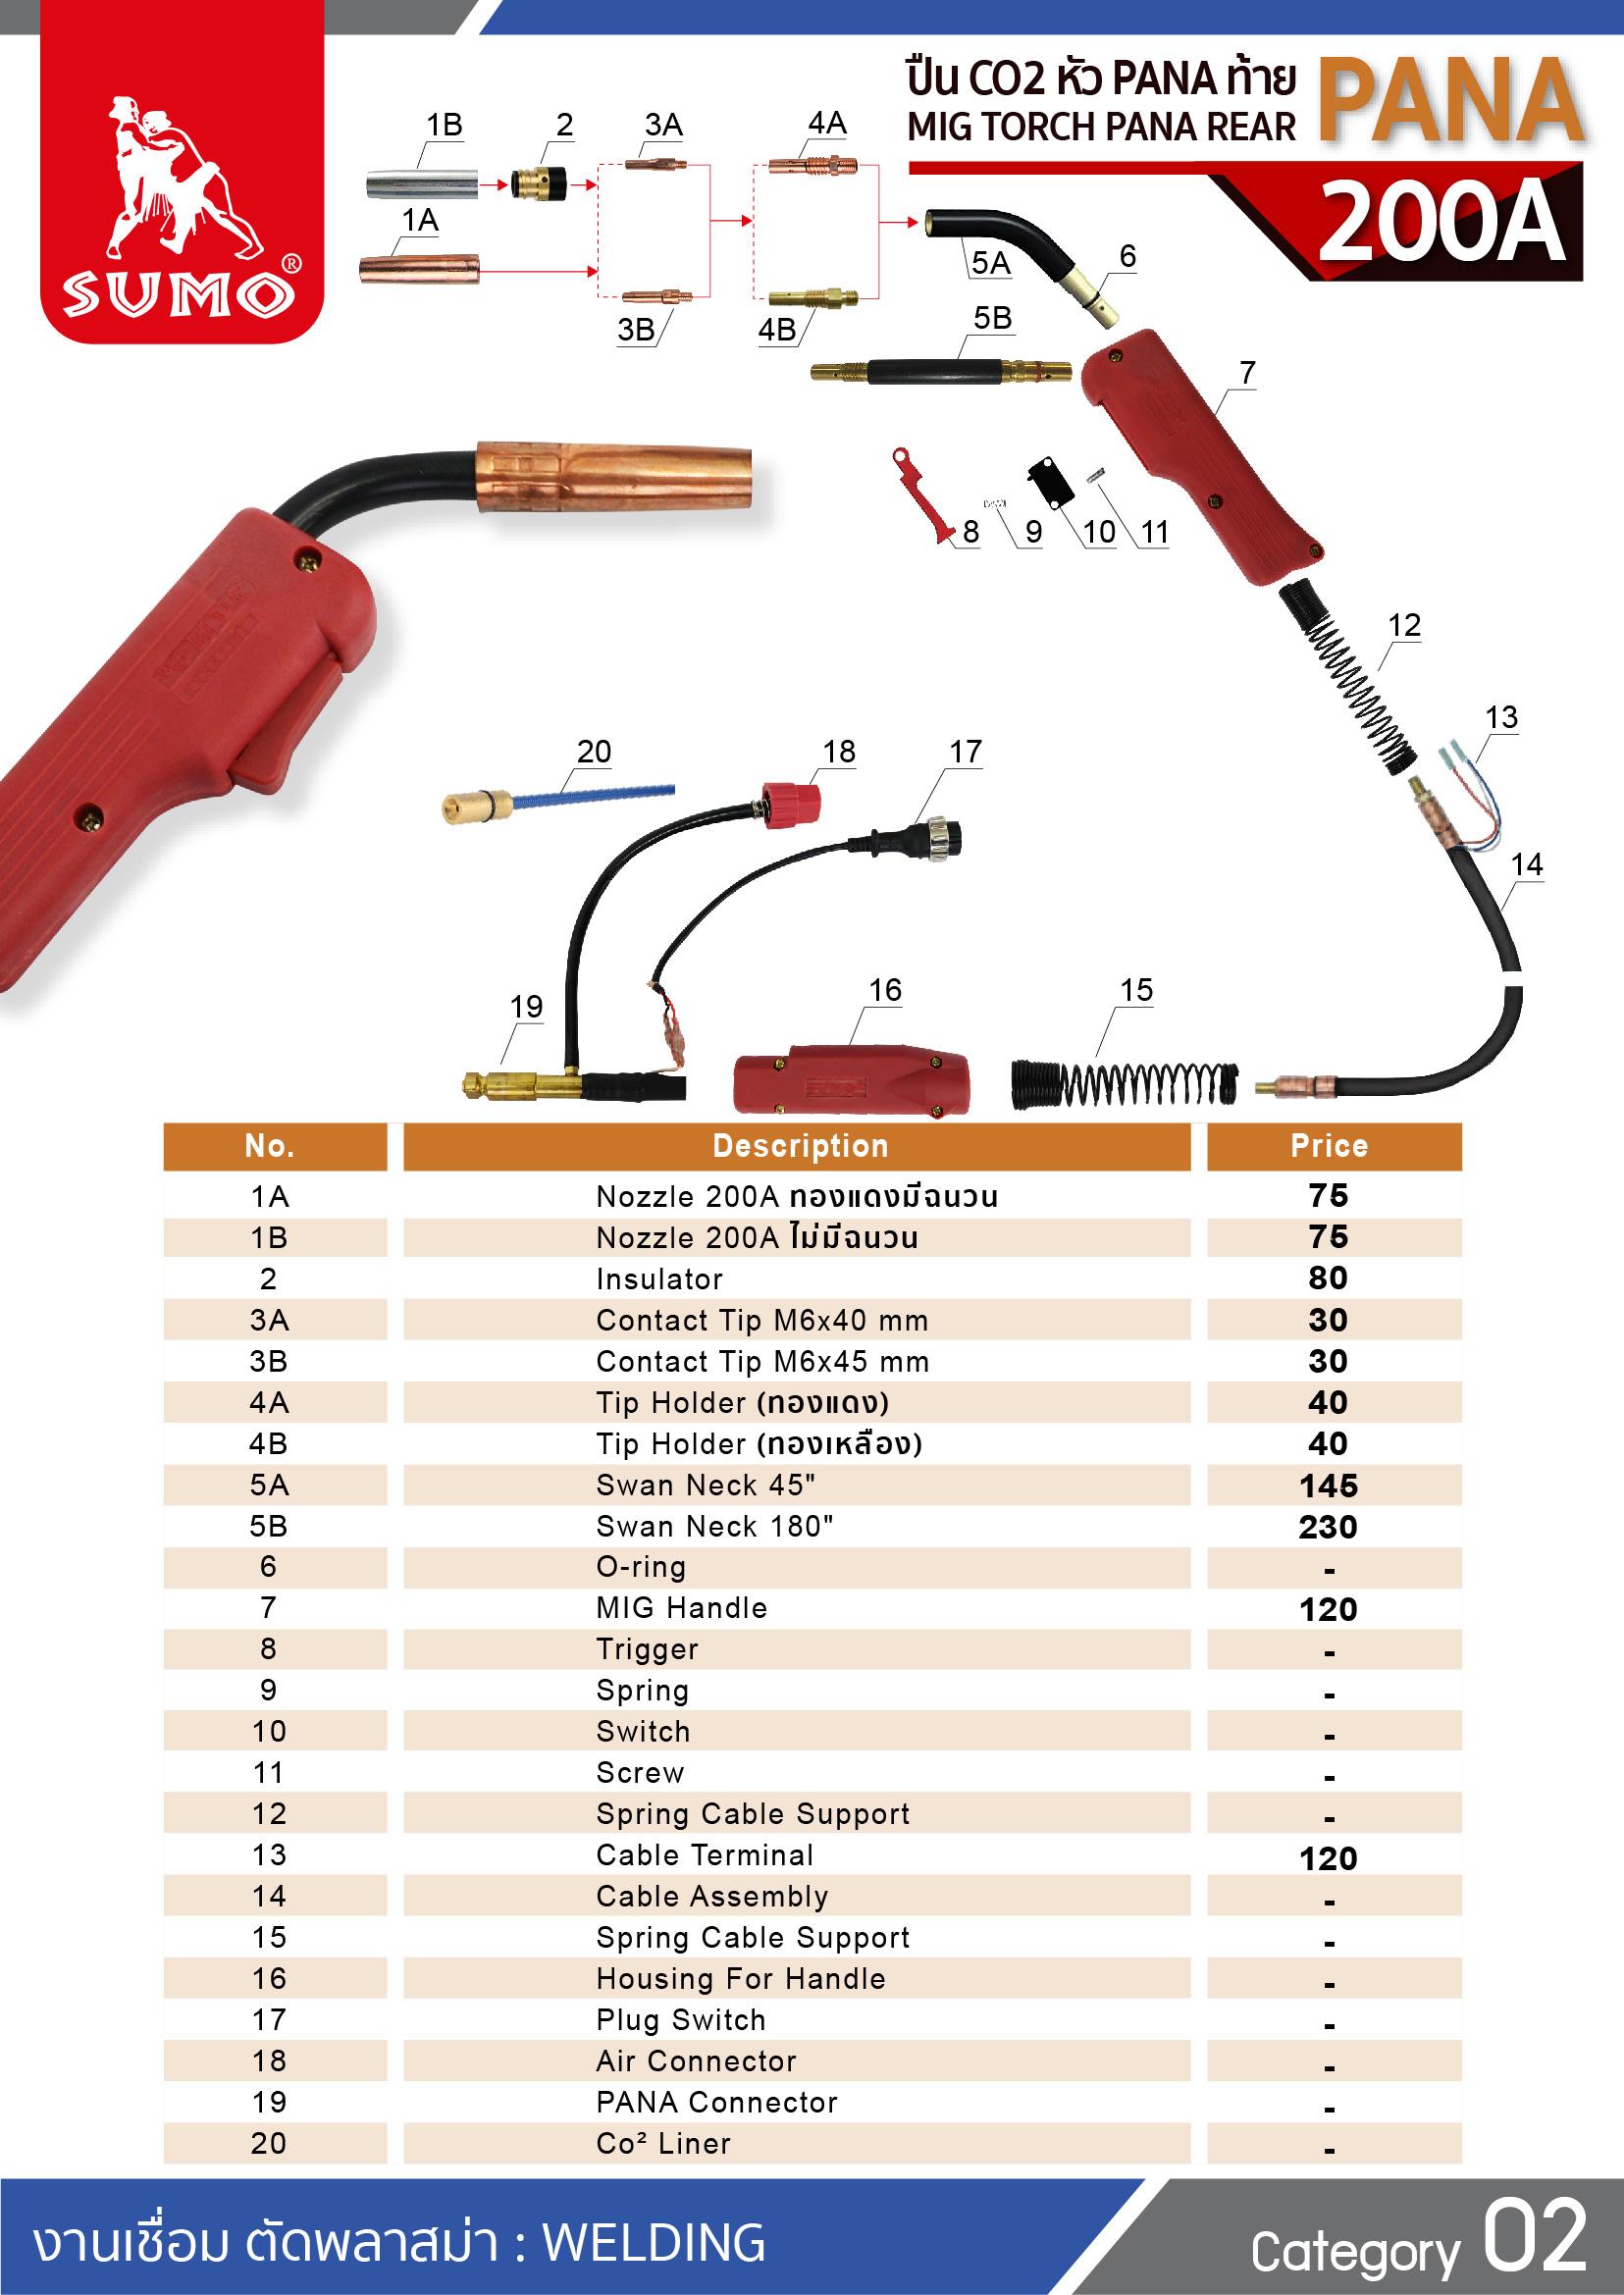 (85/277) ปืน CO2 PANA 200A PANA Tail